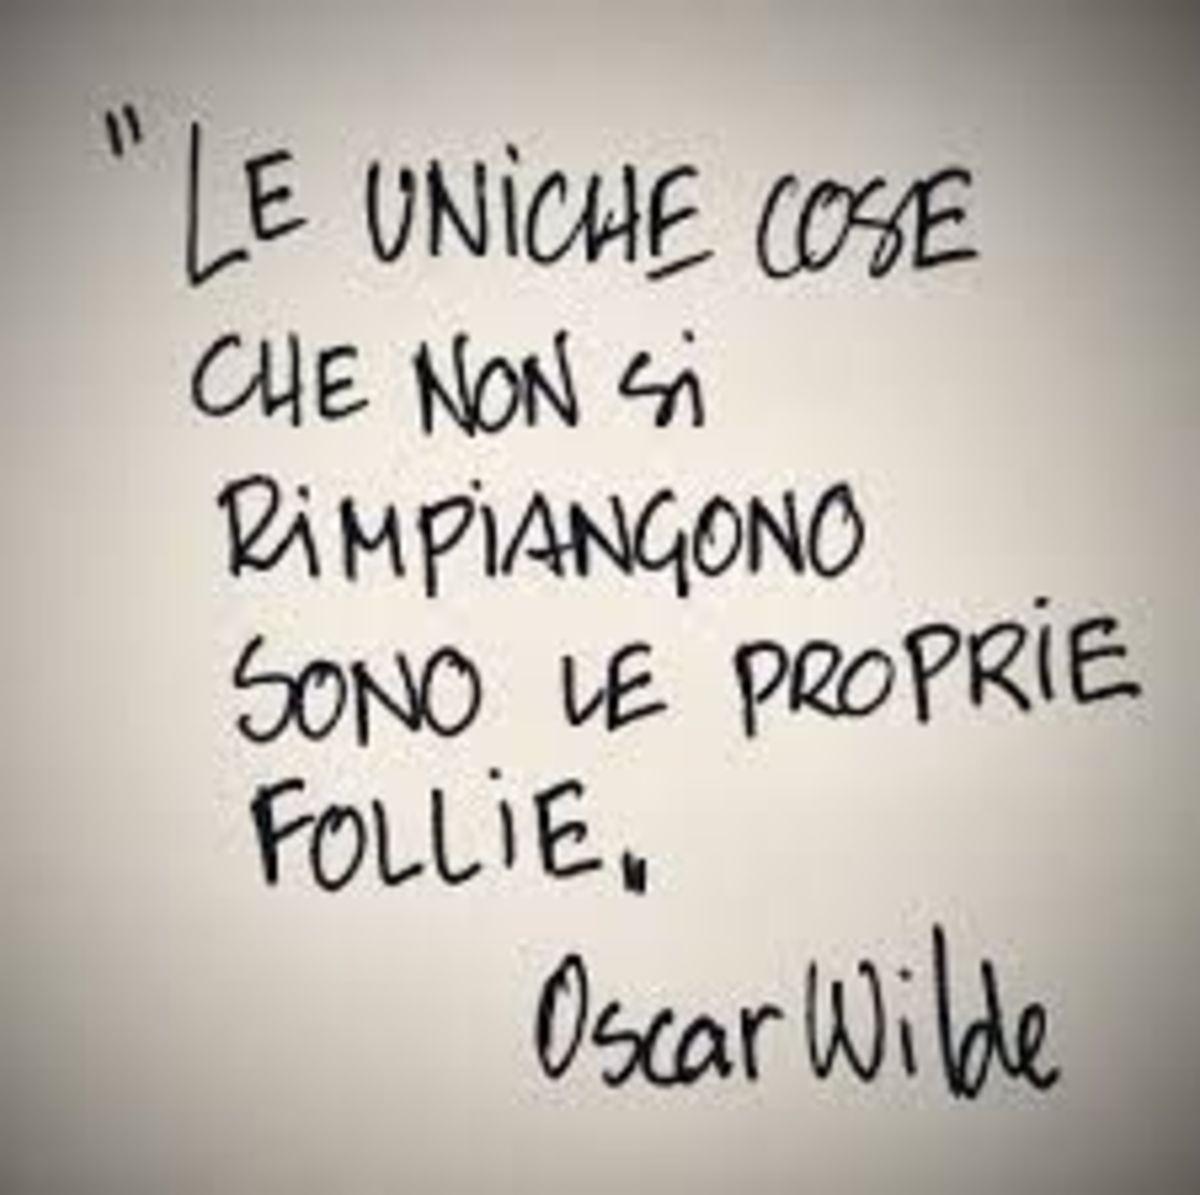 """""""Le uniche cose che non si rimpiangono sono le proprie follie."""" Oscar Wilde"""